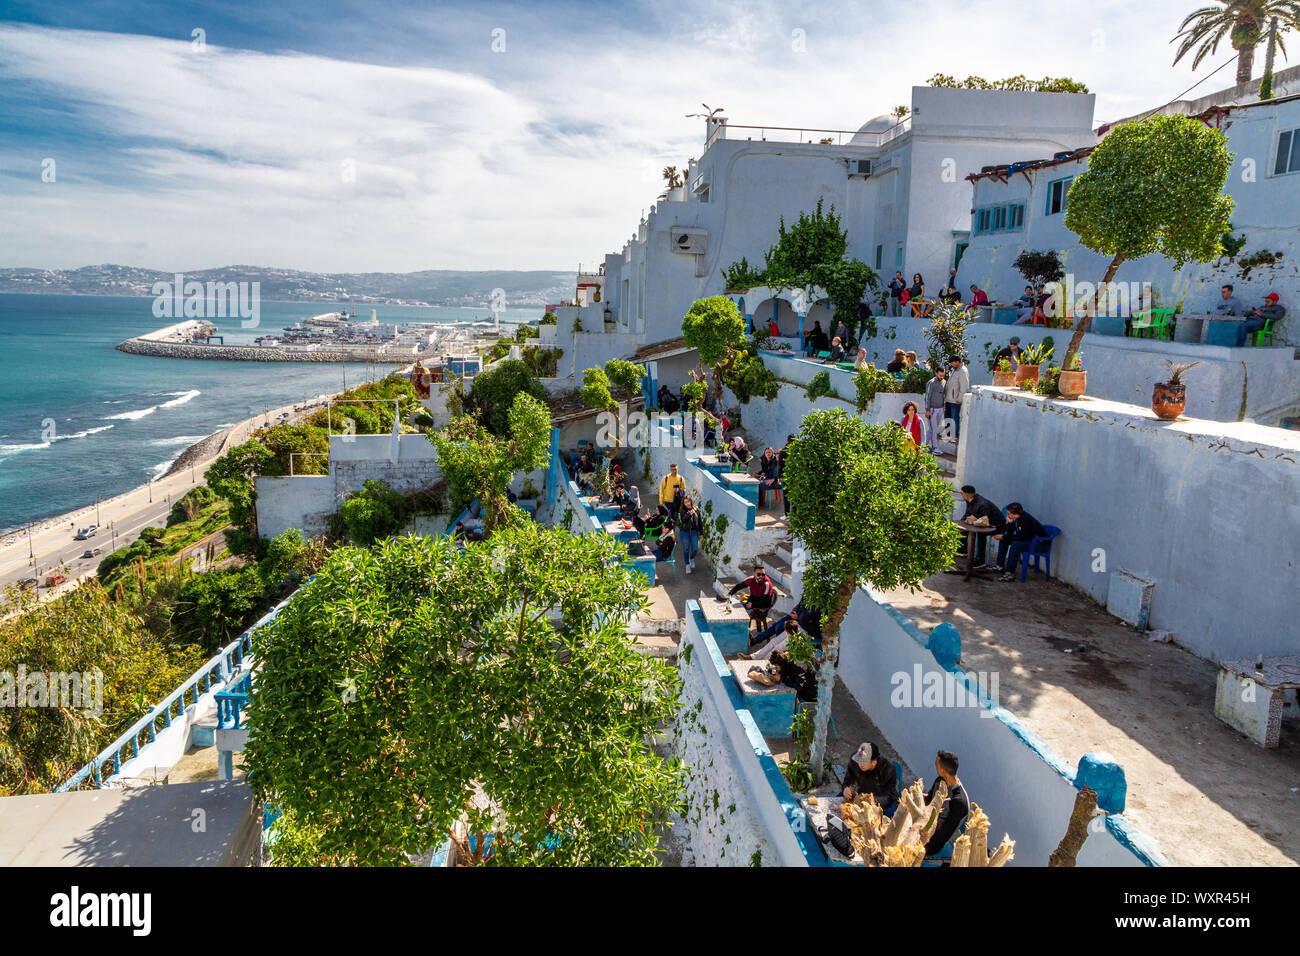 La vista exterior trasera desde el Café Hafa, en la cima del acantilado con vistas a la Bahía de Tánger, inaugurado en 1921, visitado por muchas celebridades del día, Marruecos Foto de stock